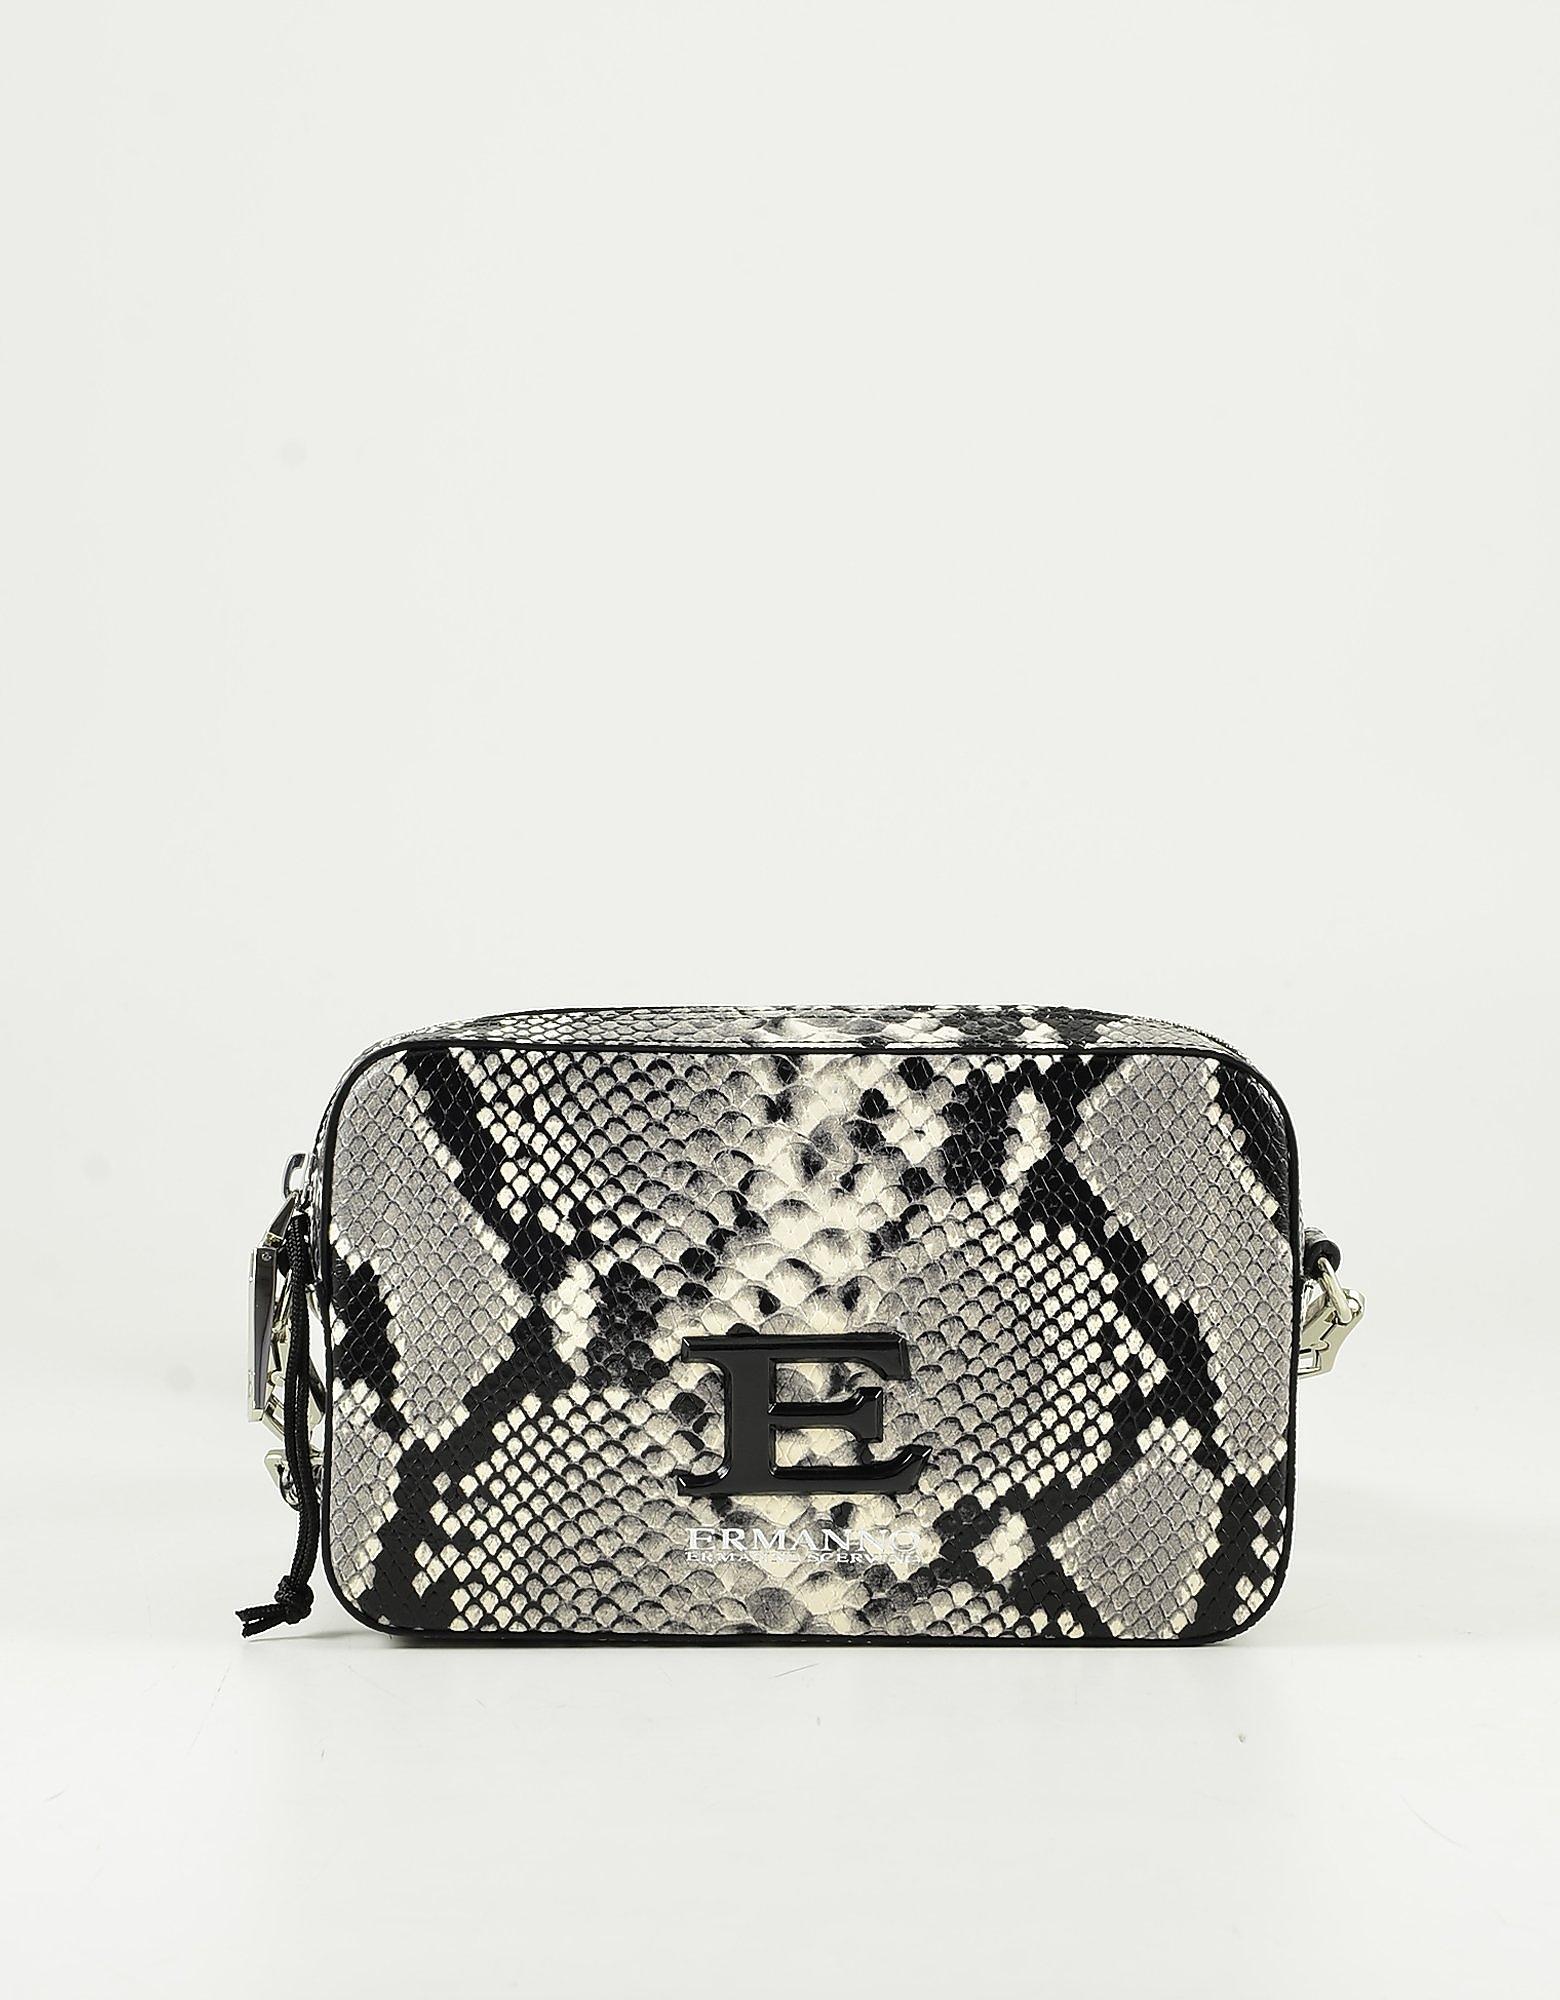 Ermanno Scervino Stone Gray Python Embossed Leather Shoulder/belt Bag